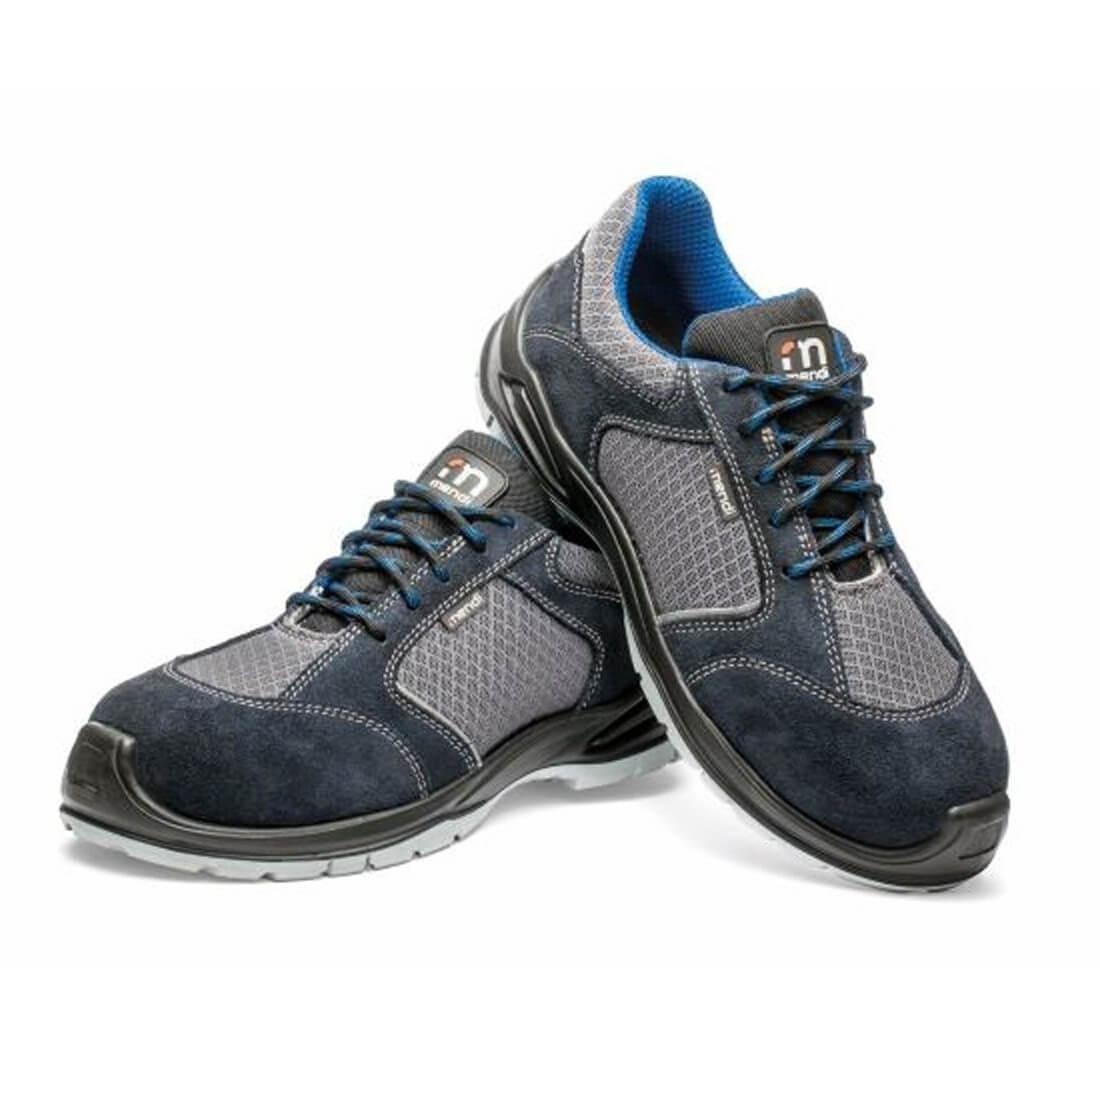 Pantof Icaro S1P+CI+SRC - Incaltaminte de protectie